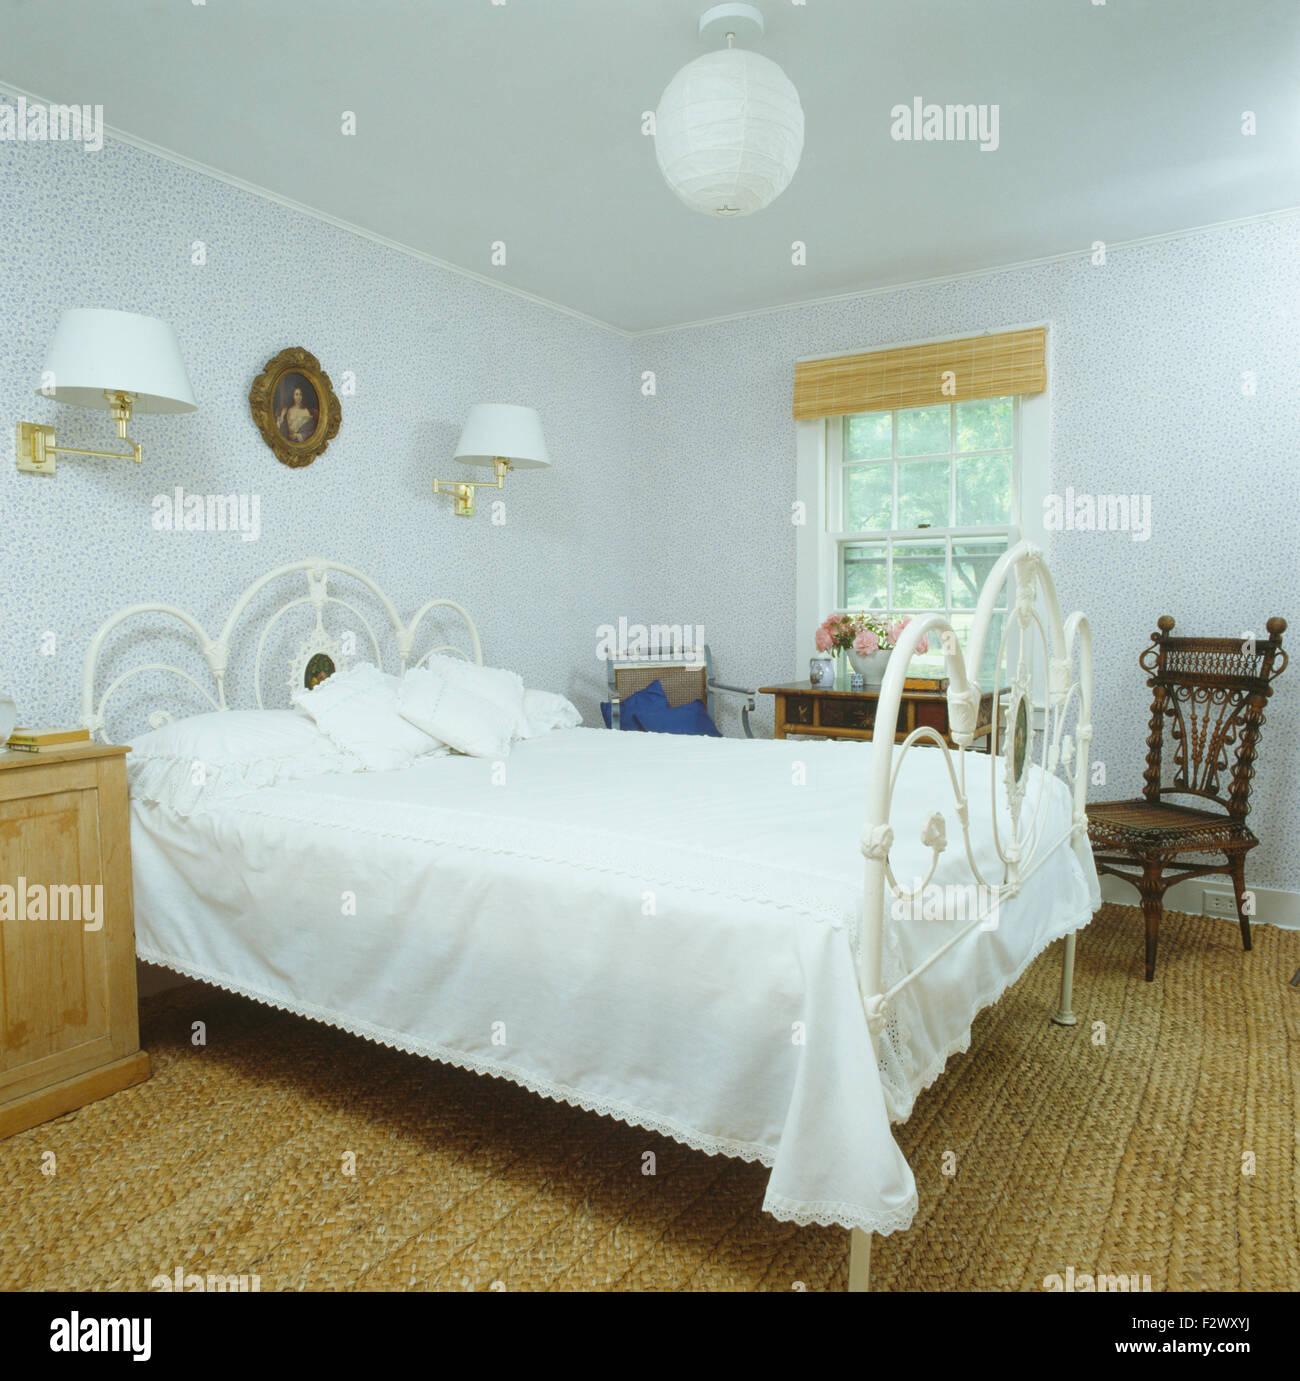 White Carpets Stockfotos & White Carpets Bilder - Seite 2 - Alamy